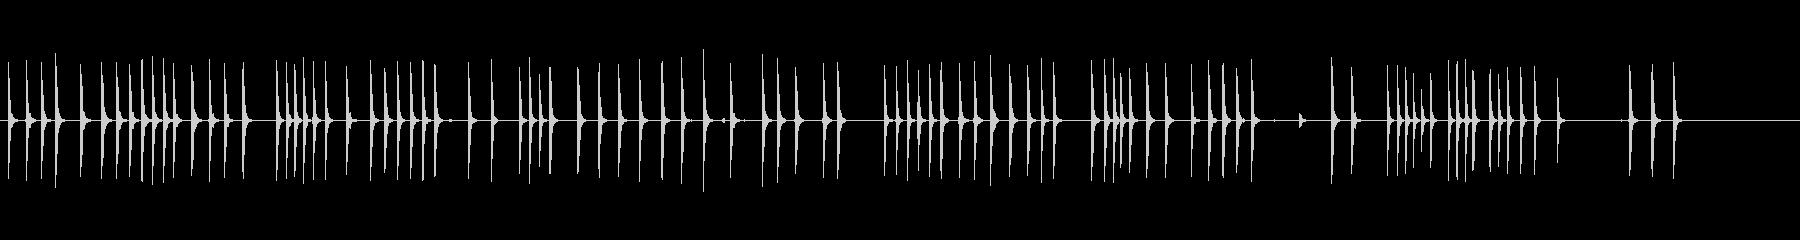 大きなボルトでのハンマーの未再生の波形